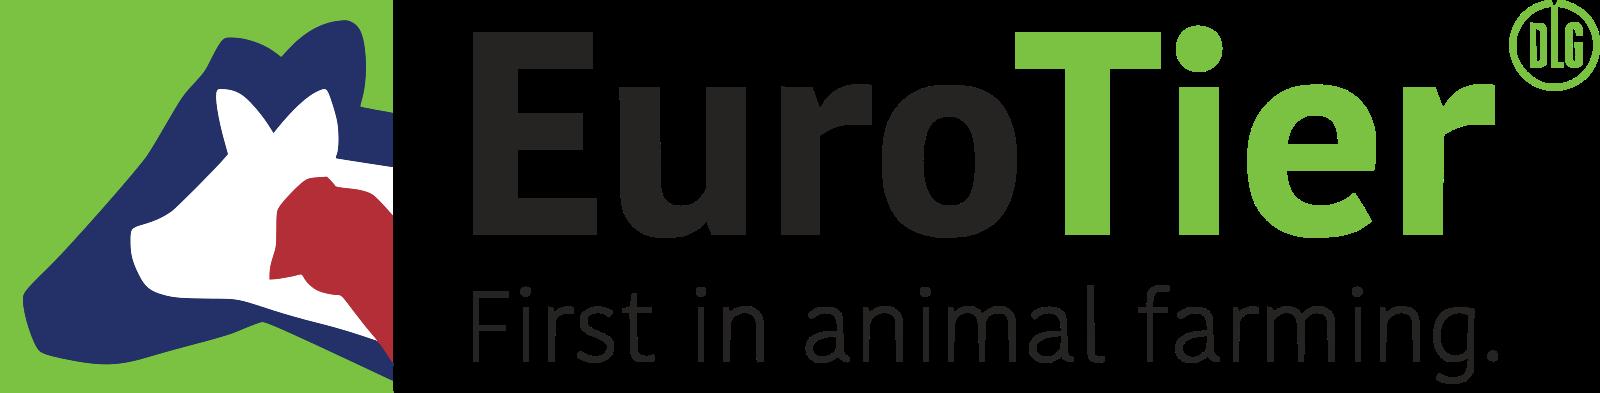 logo_eurotier_big_vorlage_vector_mit_rot_pin